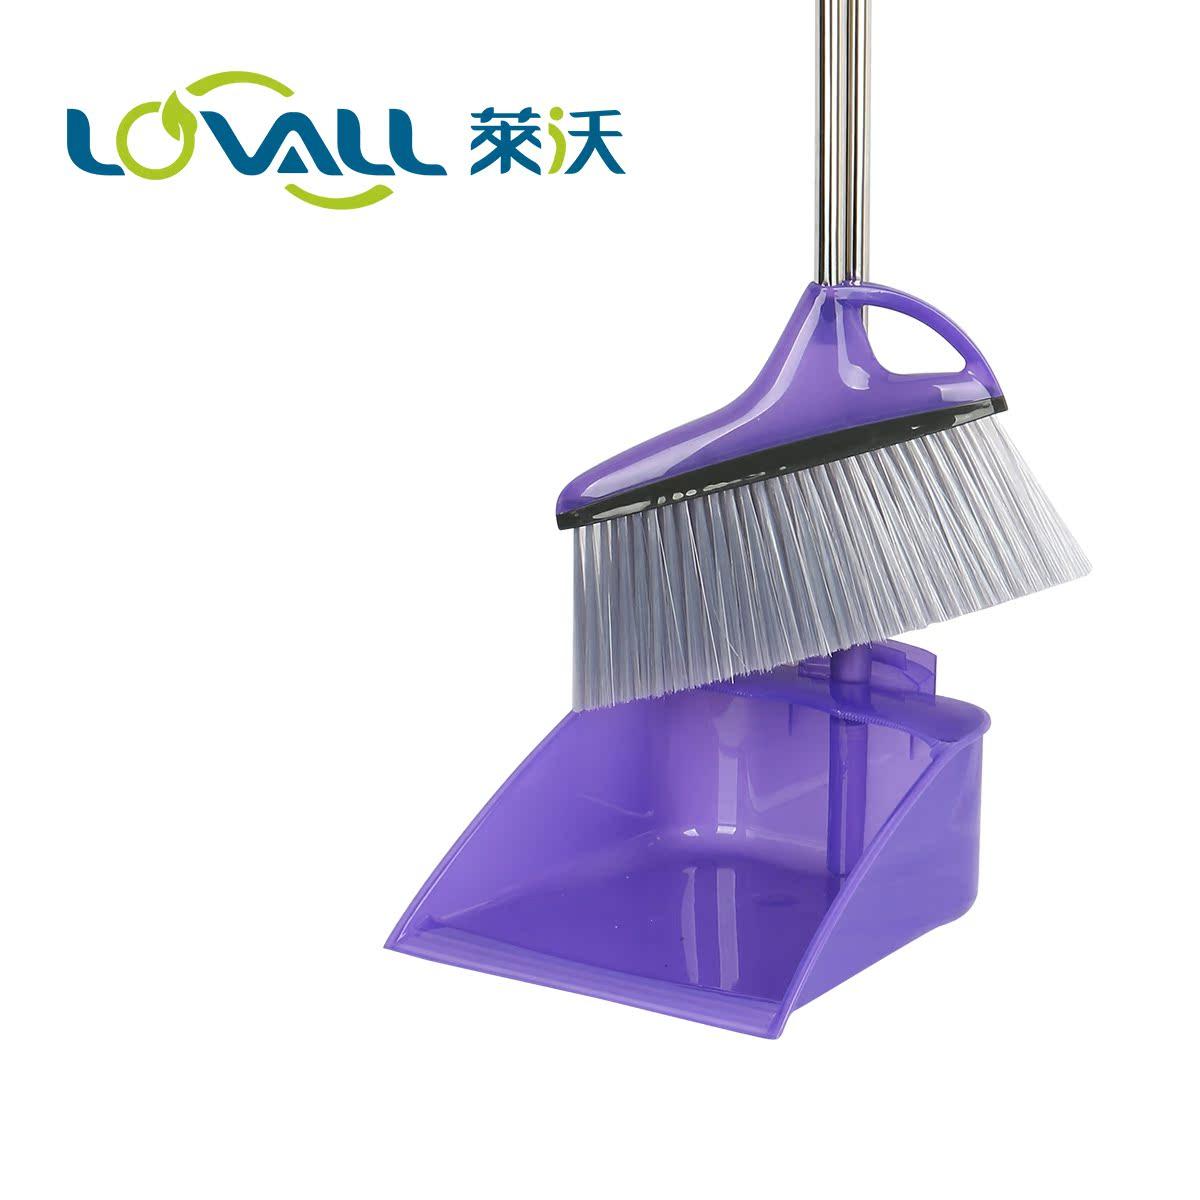 莱沃菠萝蜜套扫 加厚塑料 笤帚畚斗 扫帚簸箕组合 垃圾铲扫把套装